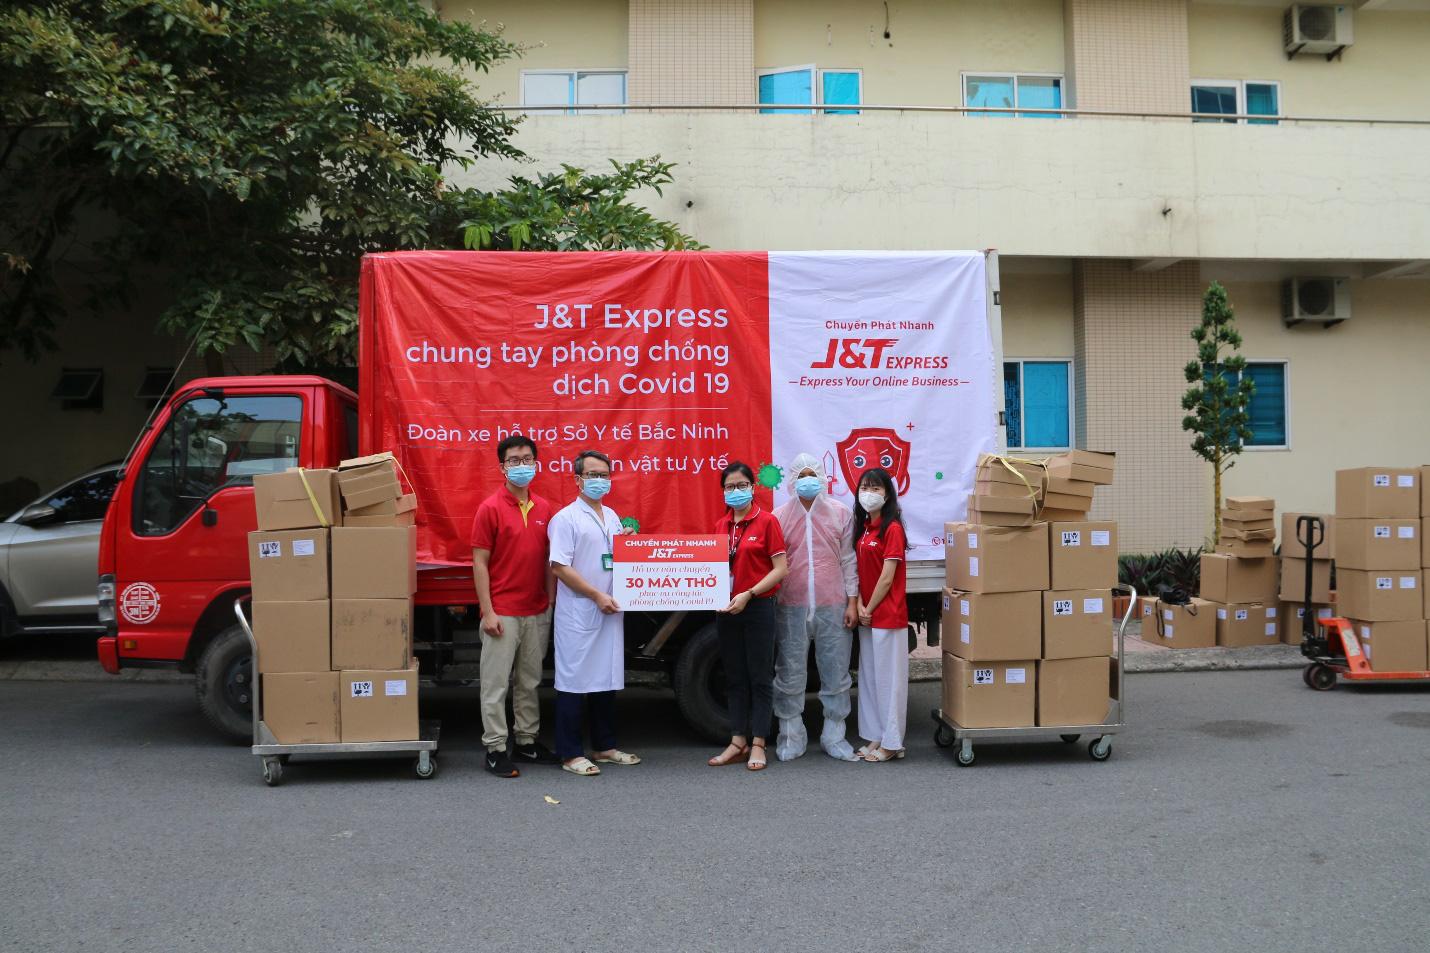 Chuyển phát nhanh J&T Express tiếp sức cùng Việt Nam chống dịch COVID-19 - Ảnh 1.